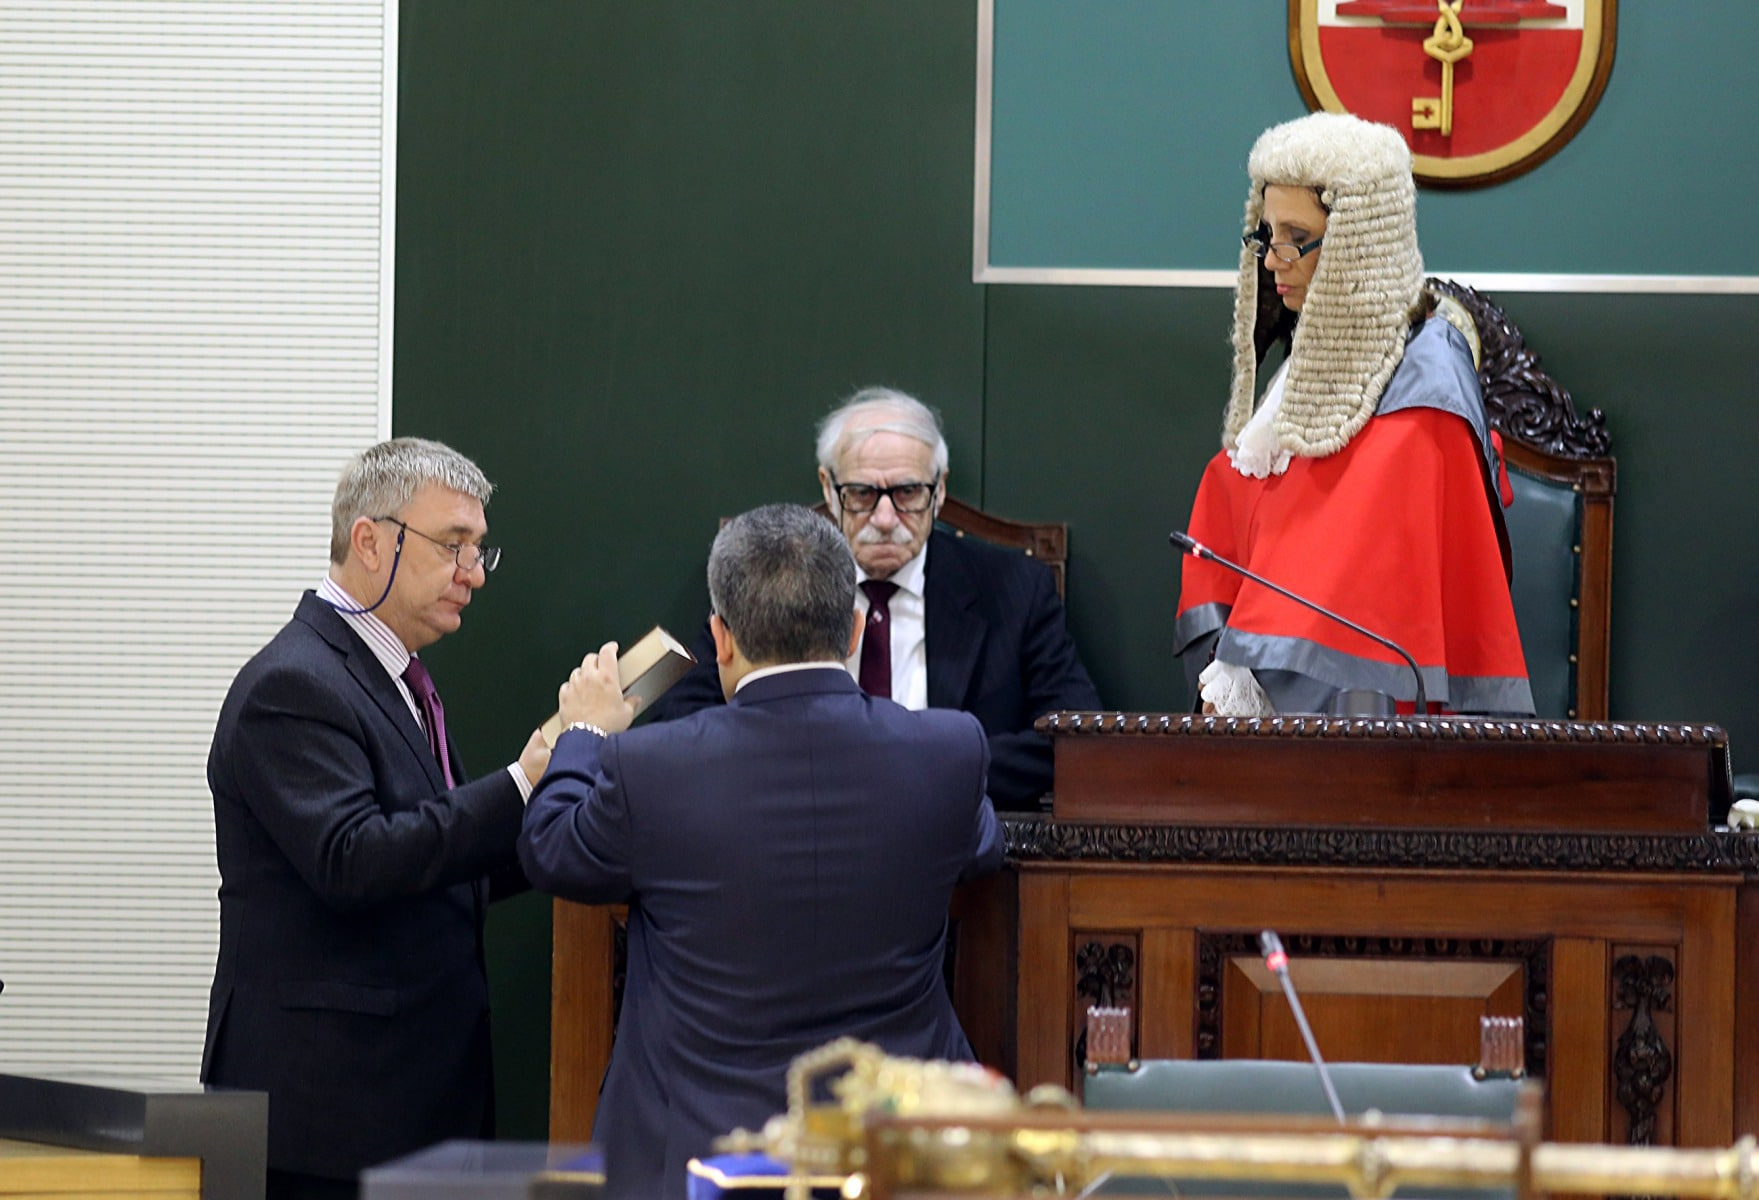 9-de-diciembre-de-2015-ceremonia-inaugural-del-nuevo-parlamento-de-gibraltar_23551764931_o